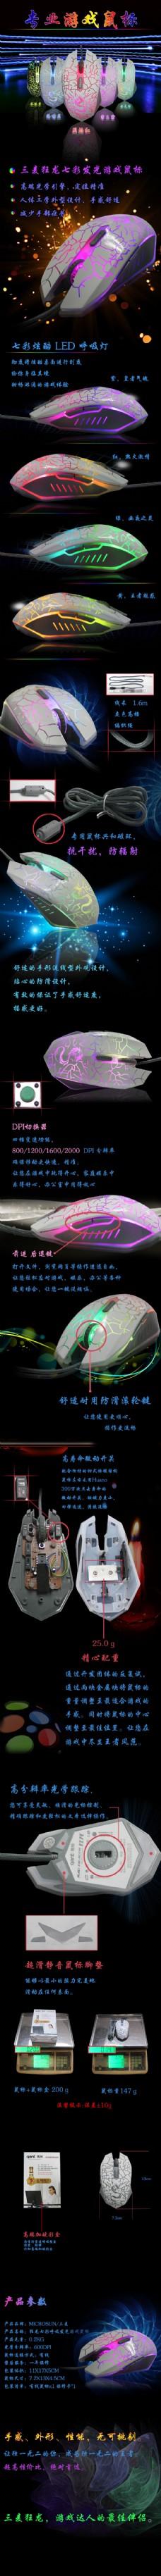 狂龙七彩游戏鼠标